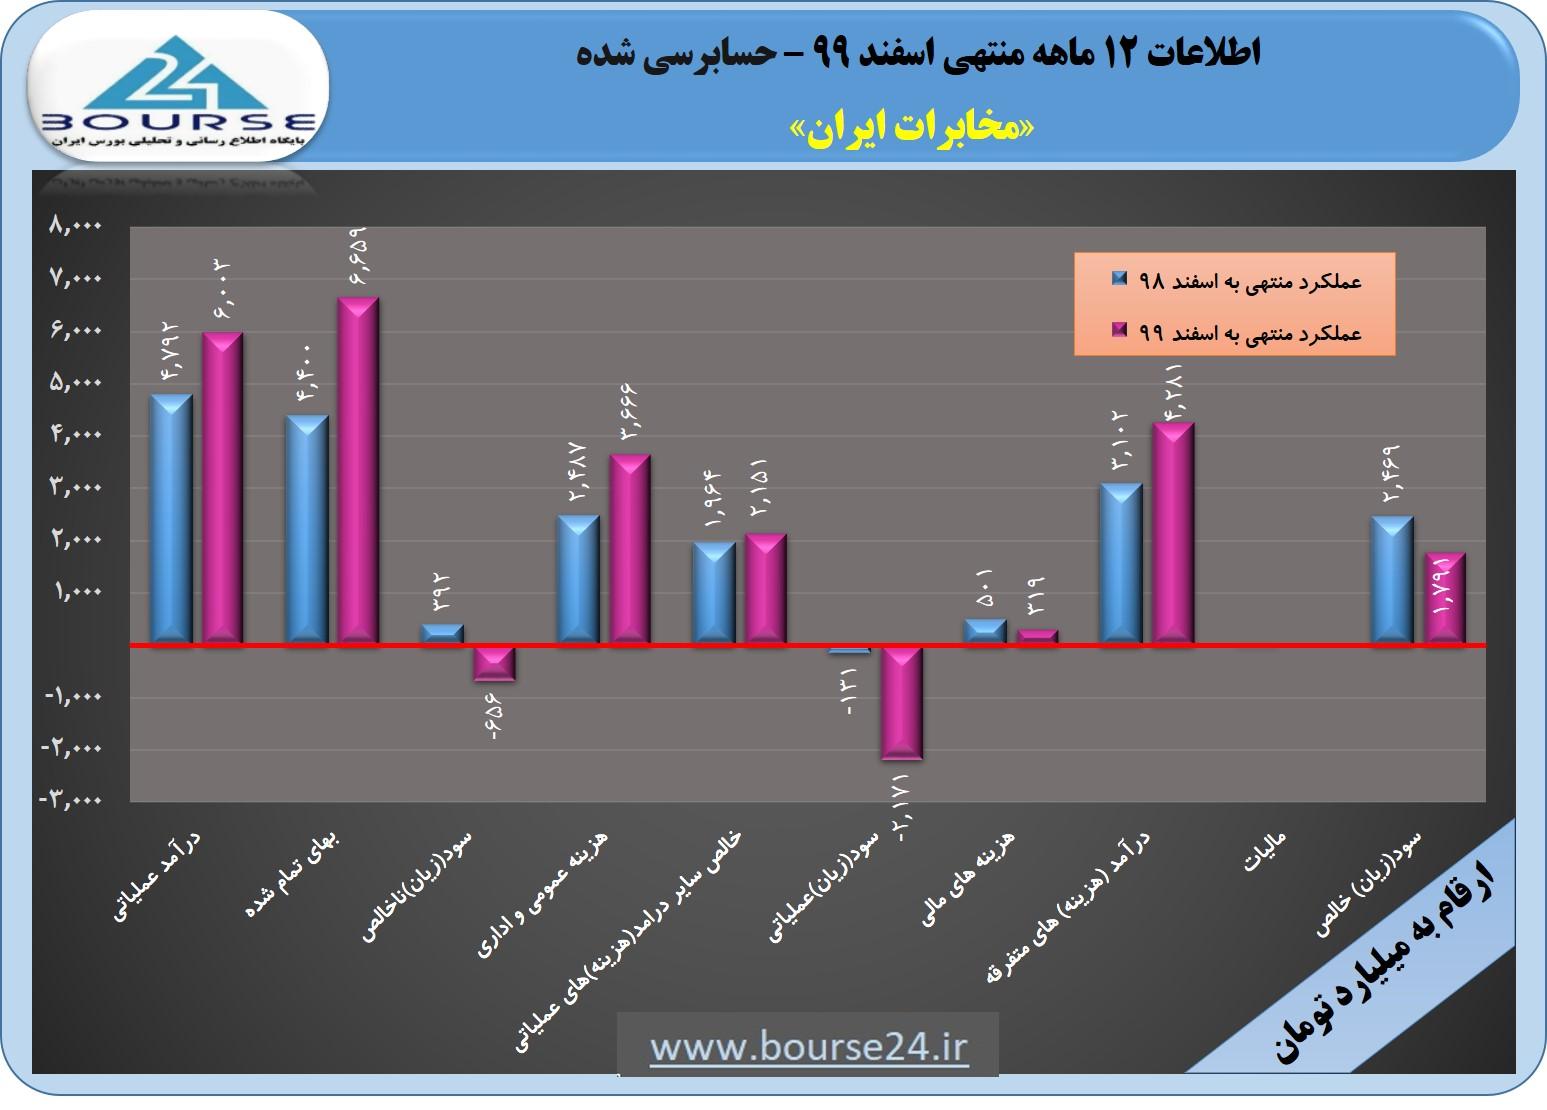 شناسایی سود ٢٩٩ ریالی در مخابرات ایران